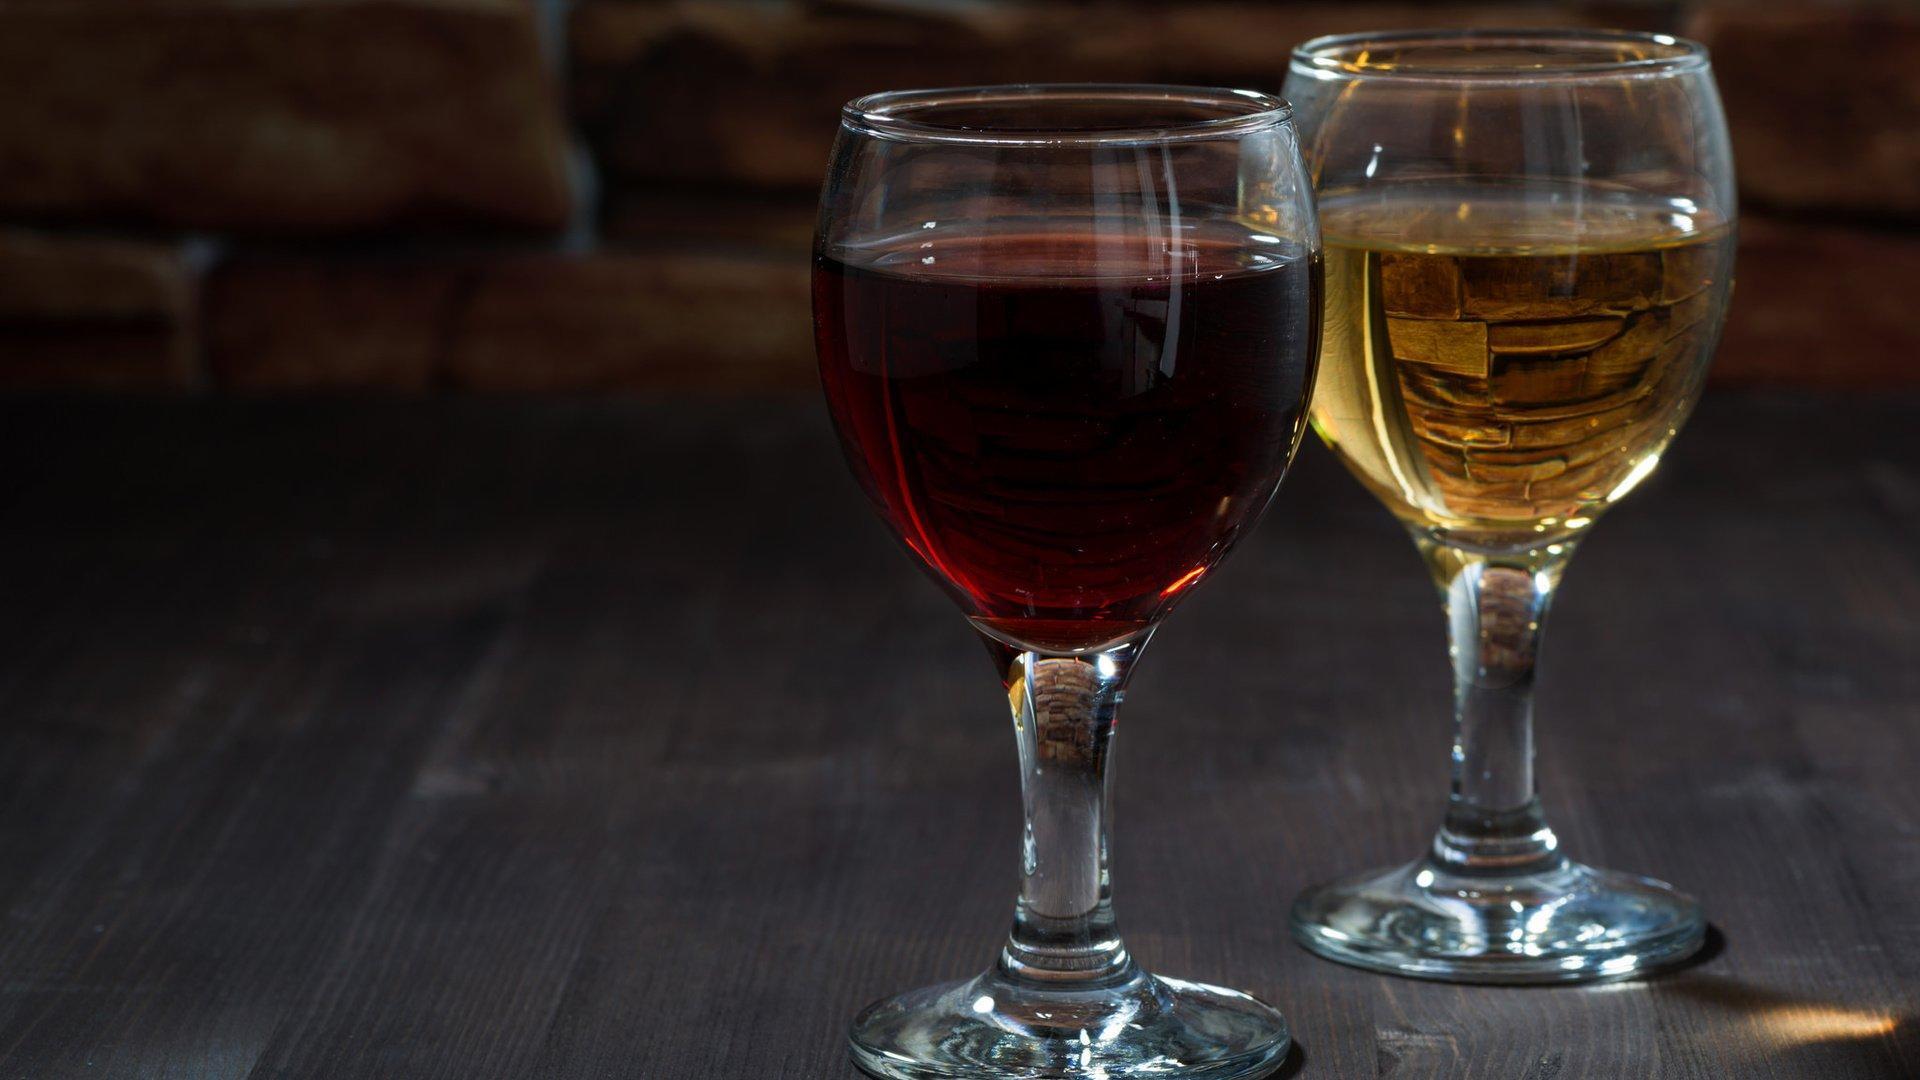 Порция алкоголя в день защищает от сердечной недостаточности